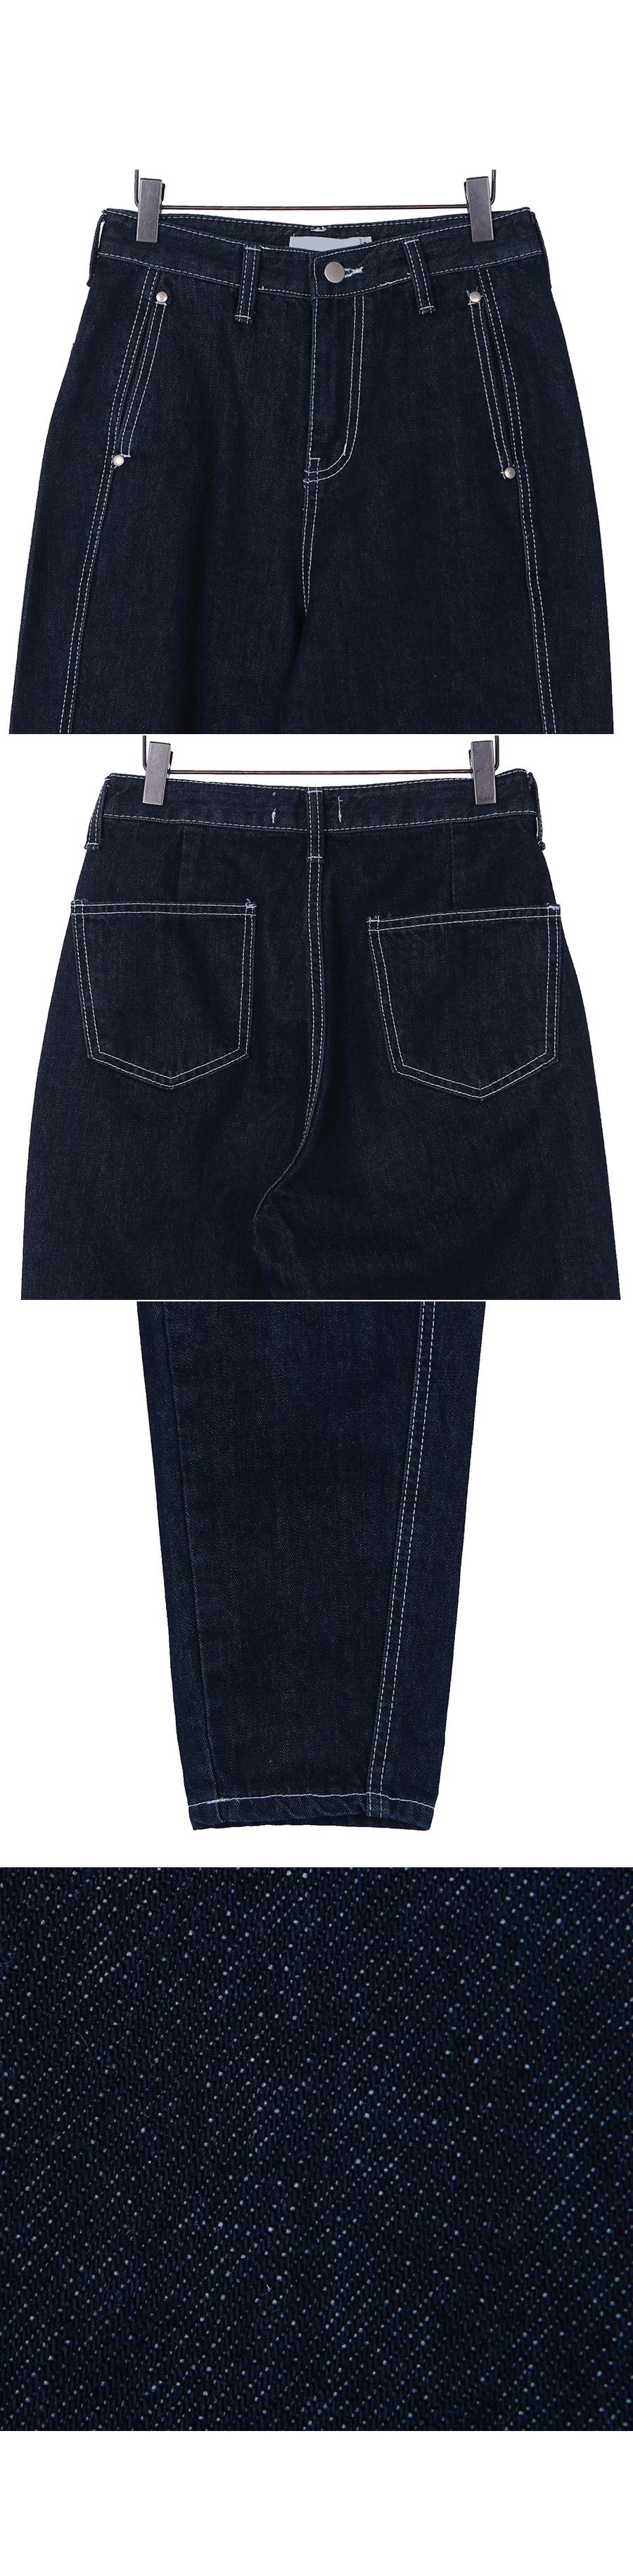 Scotch pants M